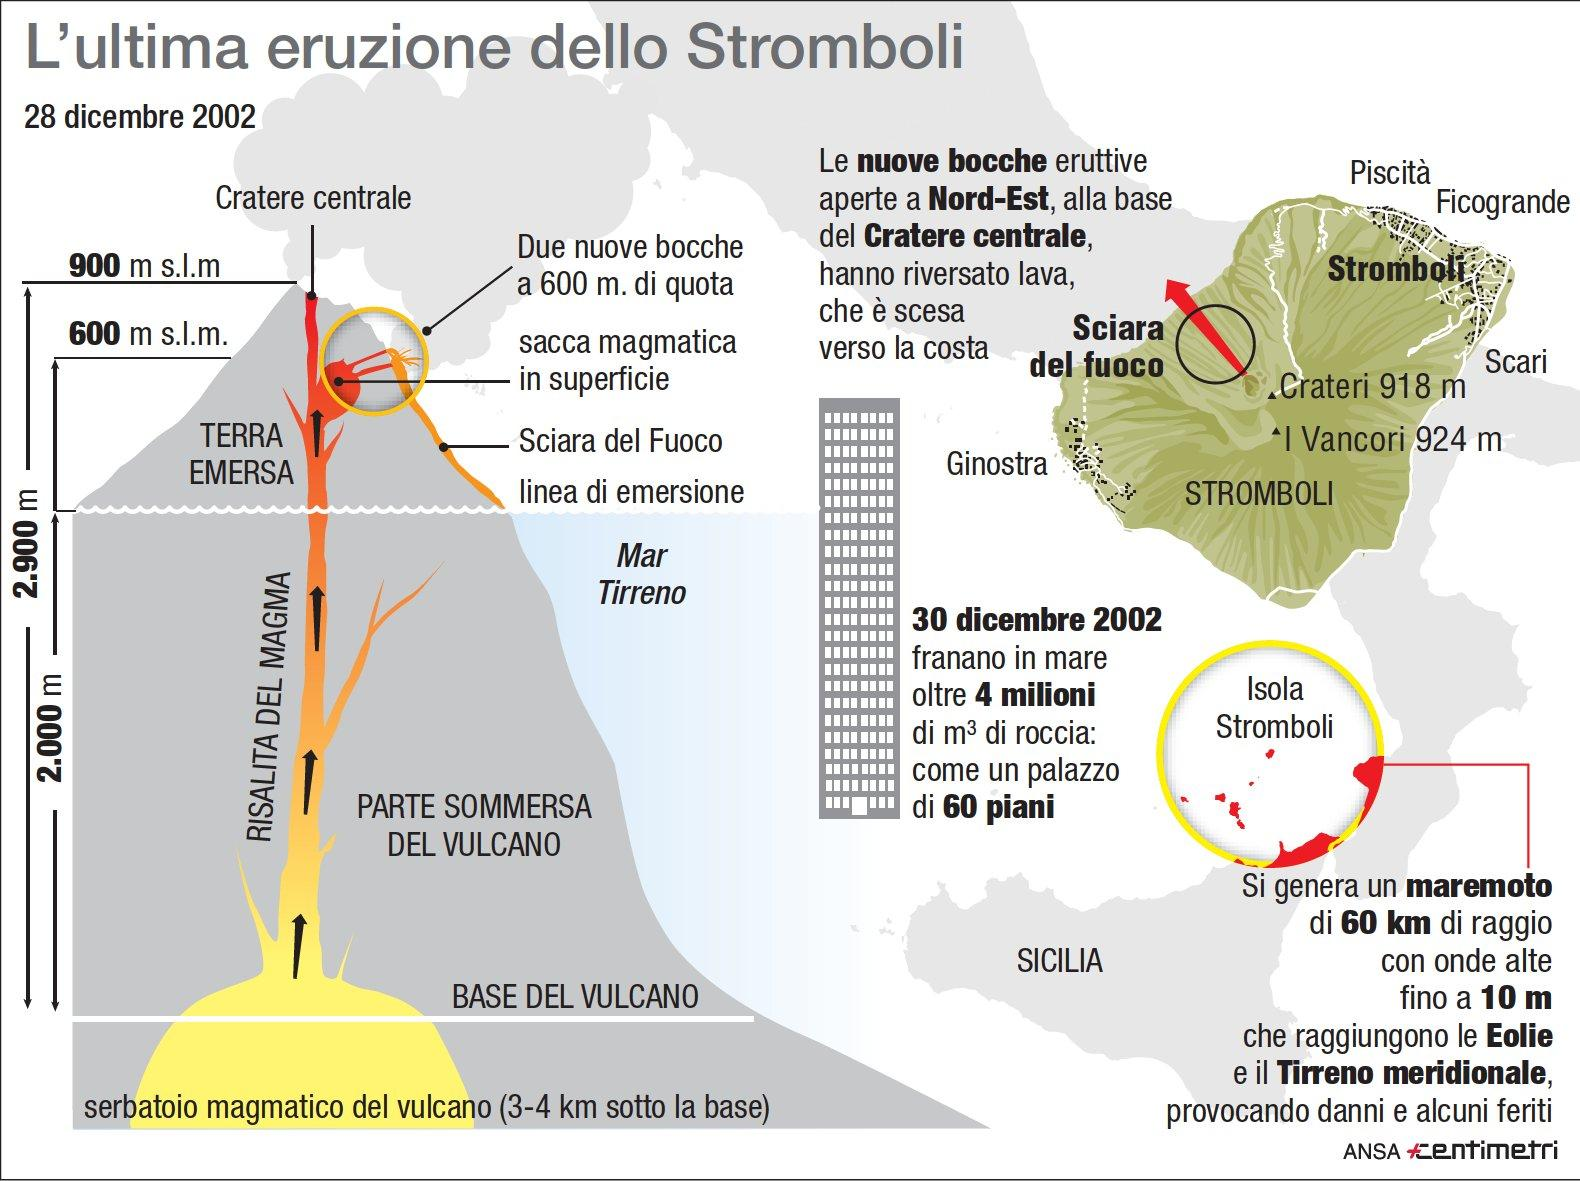 Stromboli, l ultima grande eruzione nel 2002